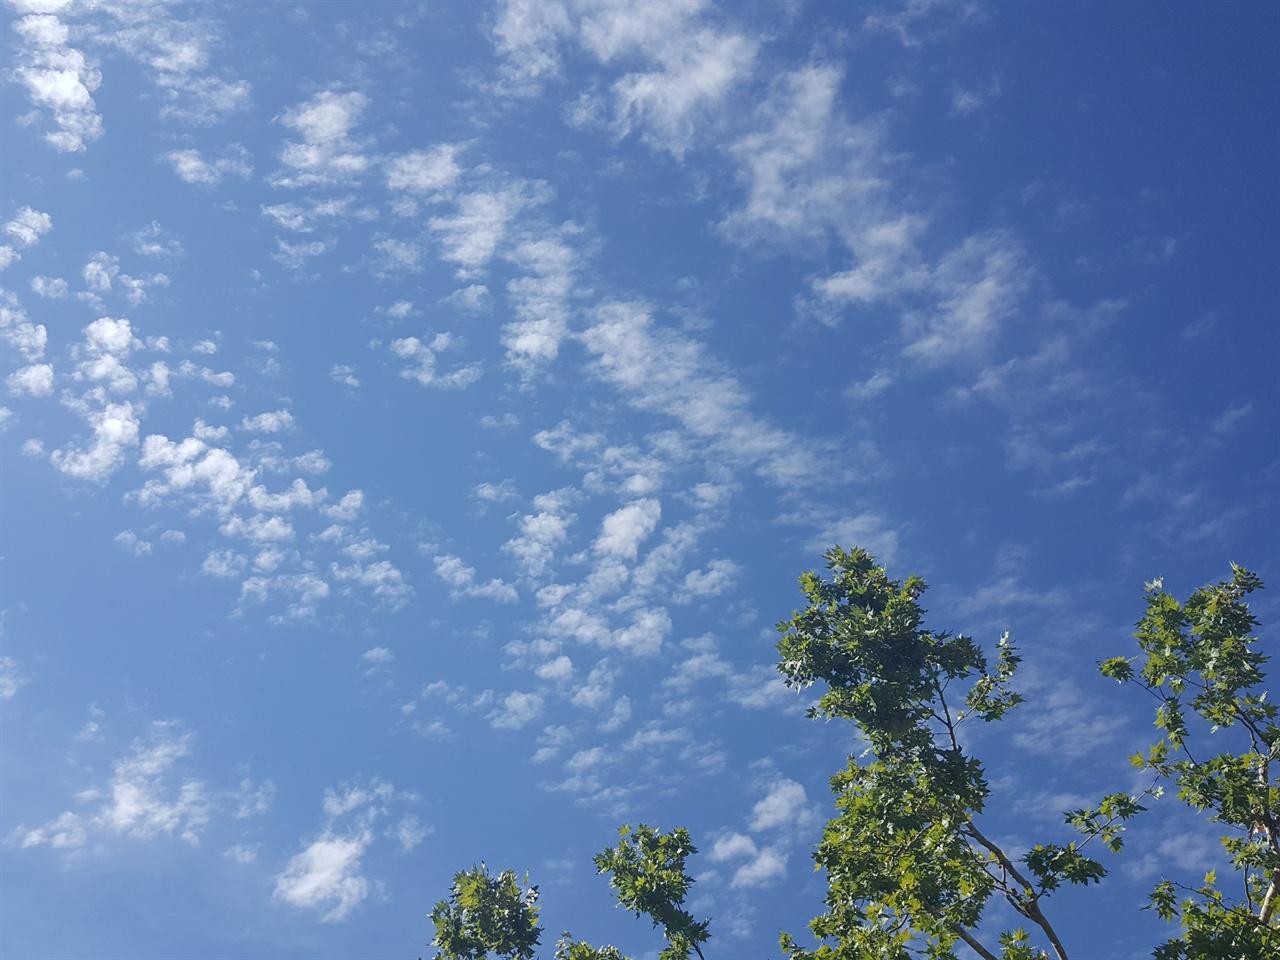 알함브라를 가는 길목의  하늘 그리고 나무 알함브라를 가는 길목의  하늘 그리고 나무